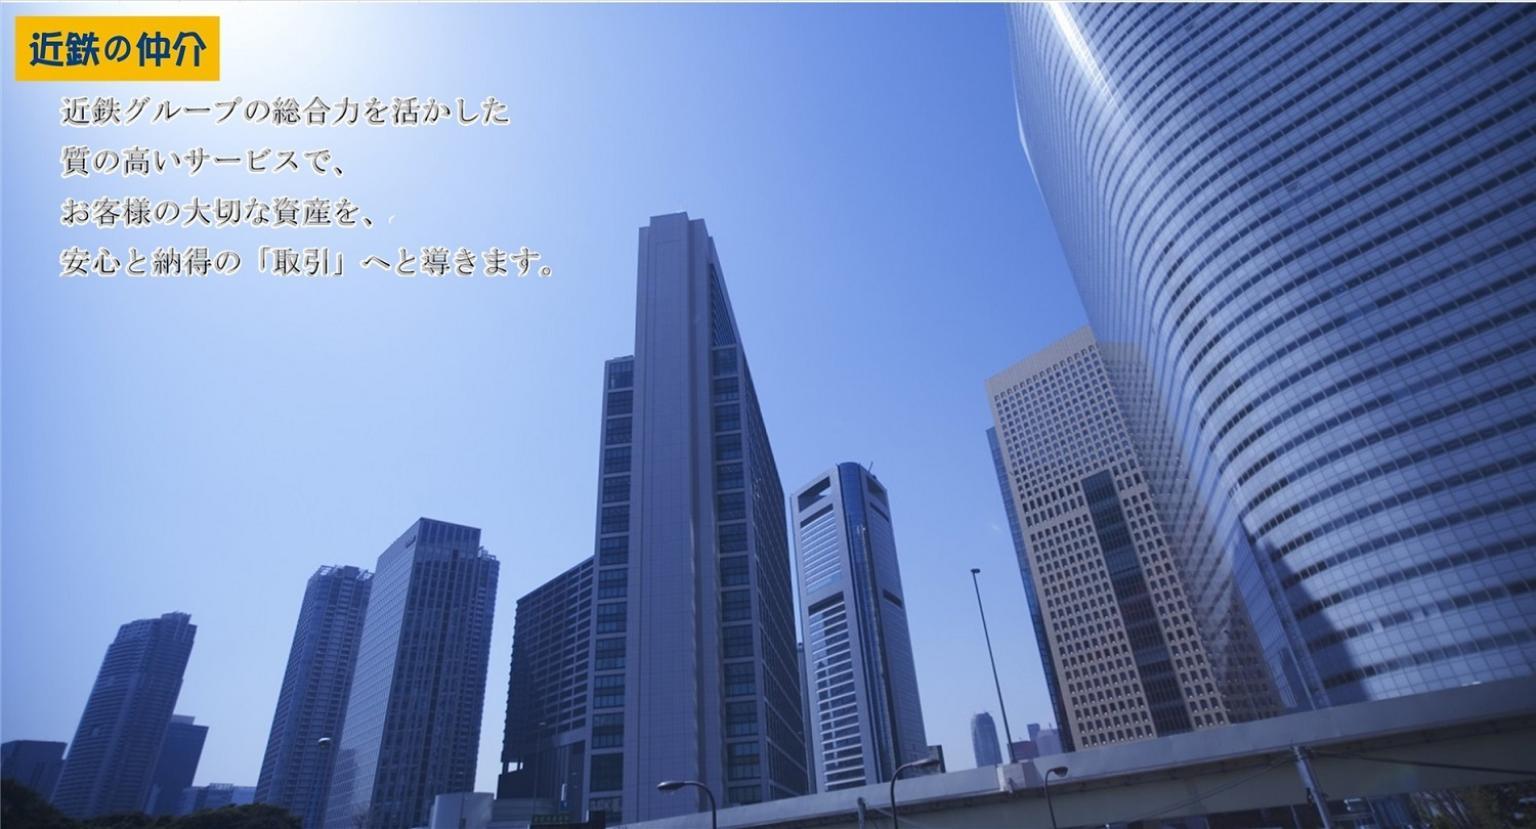 近鉄不動産株式会社 学園前営業所